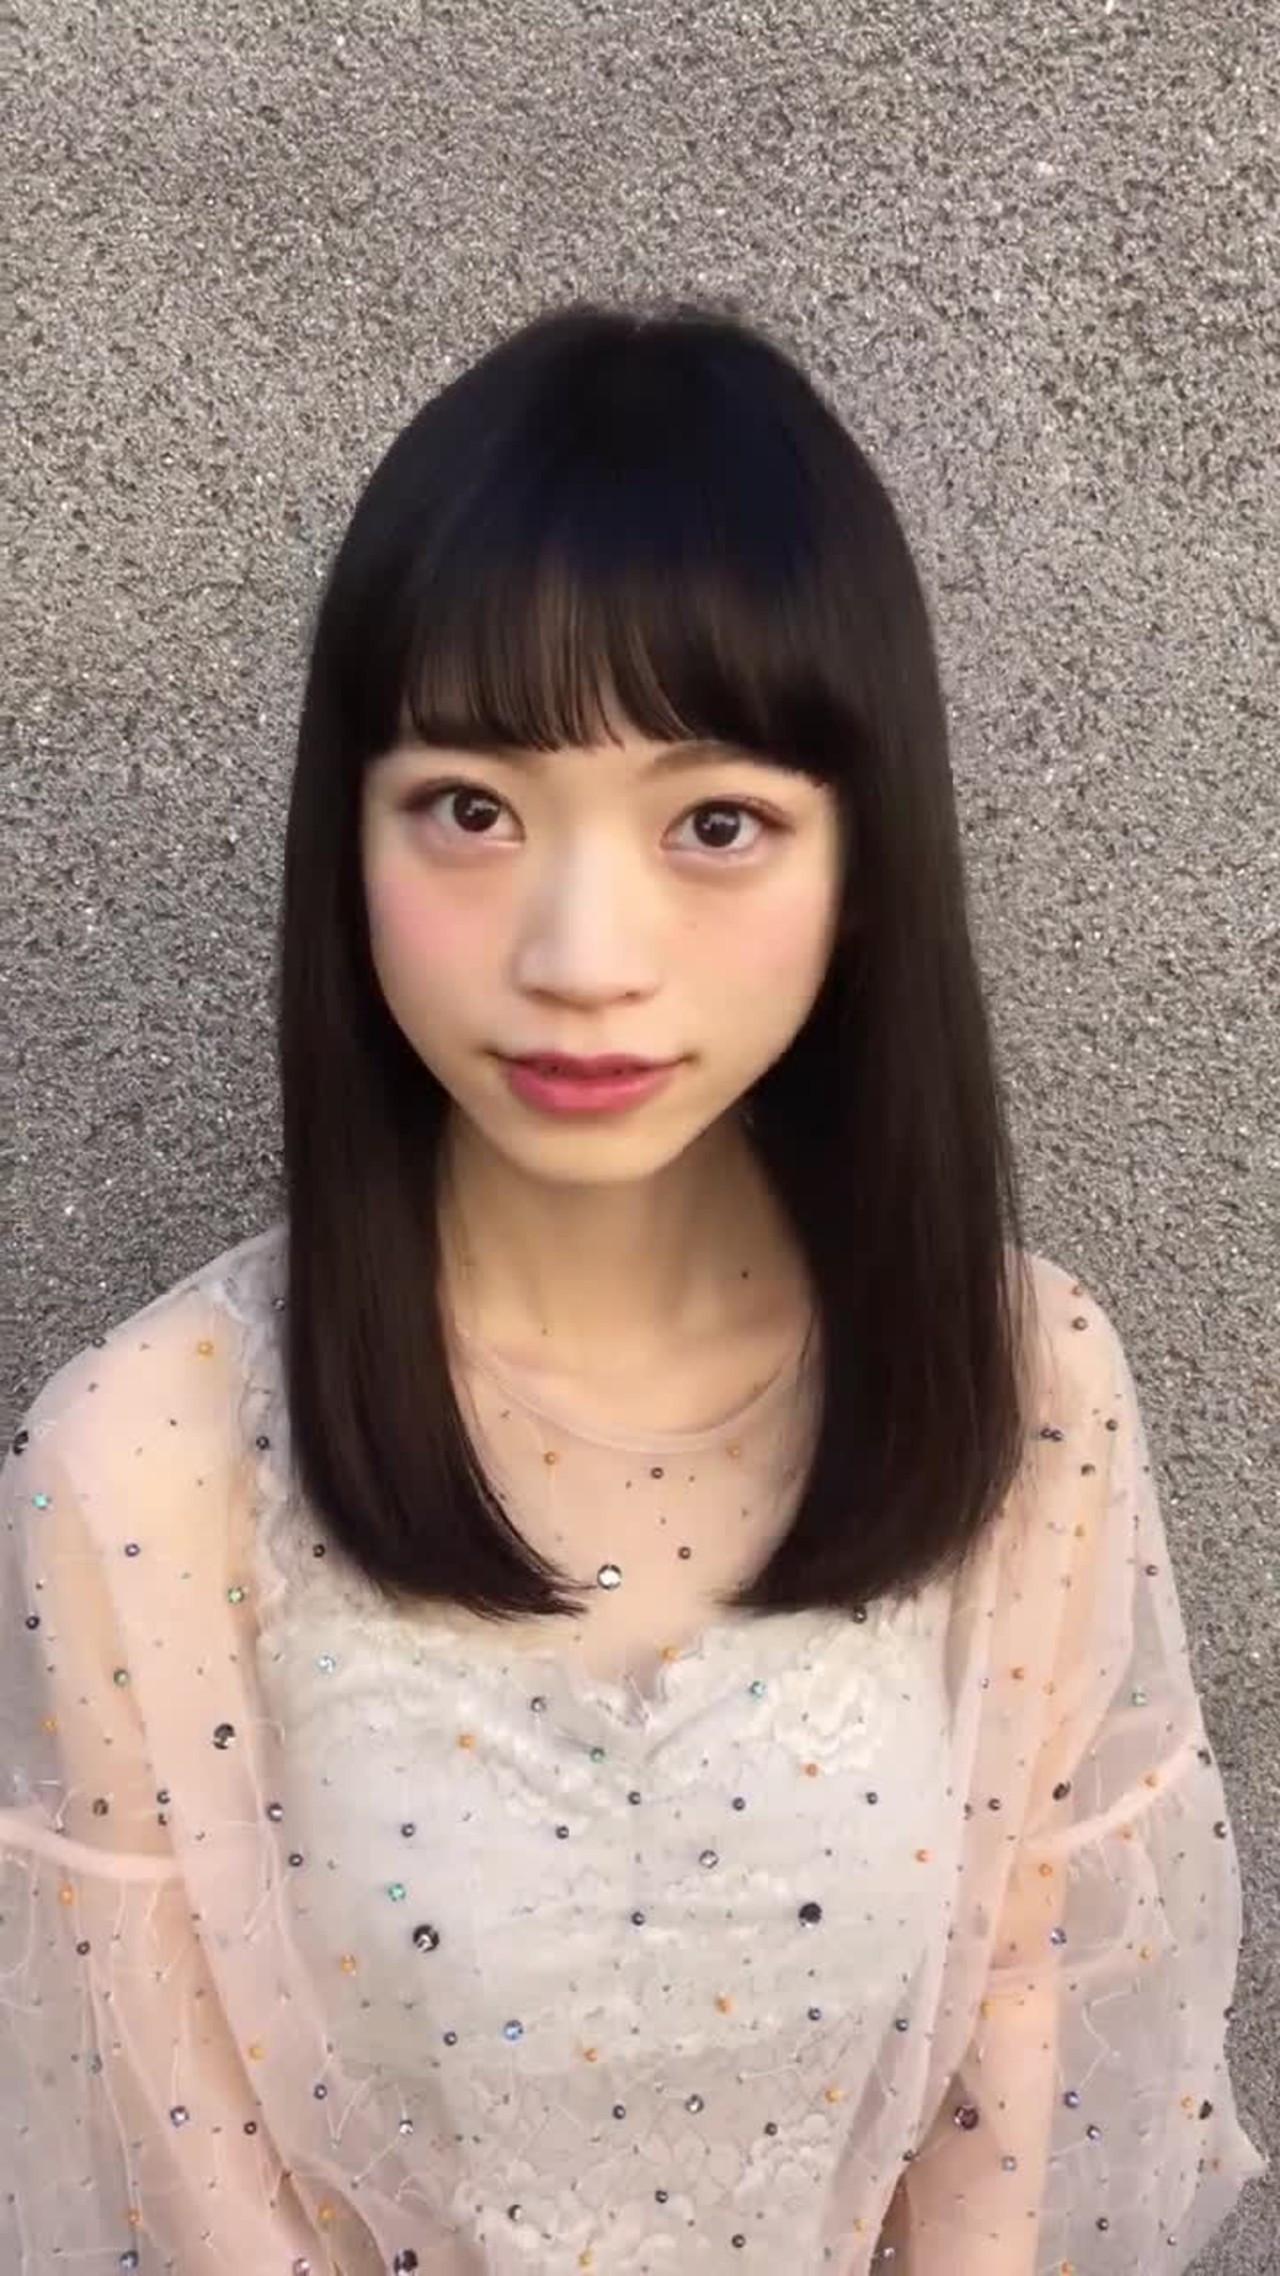 ぱっつん前髪で目元を可愛く演出 福田一真